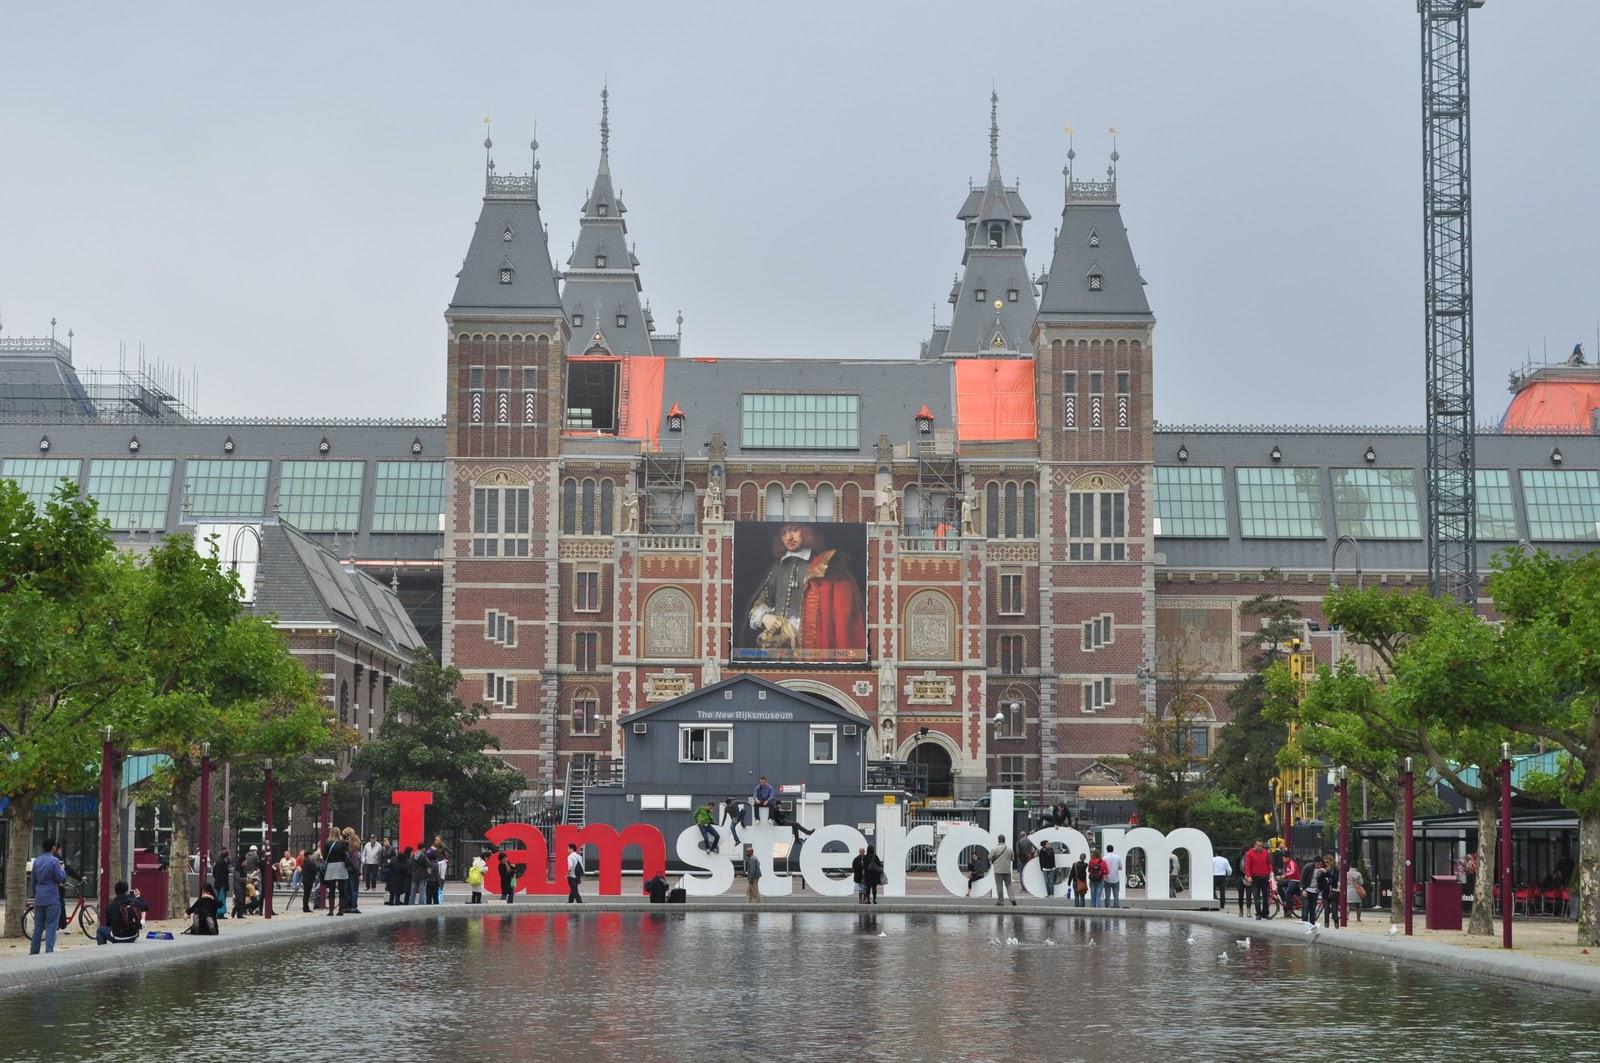 Volo Piu Hotel Per Amsterdam